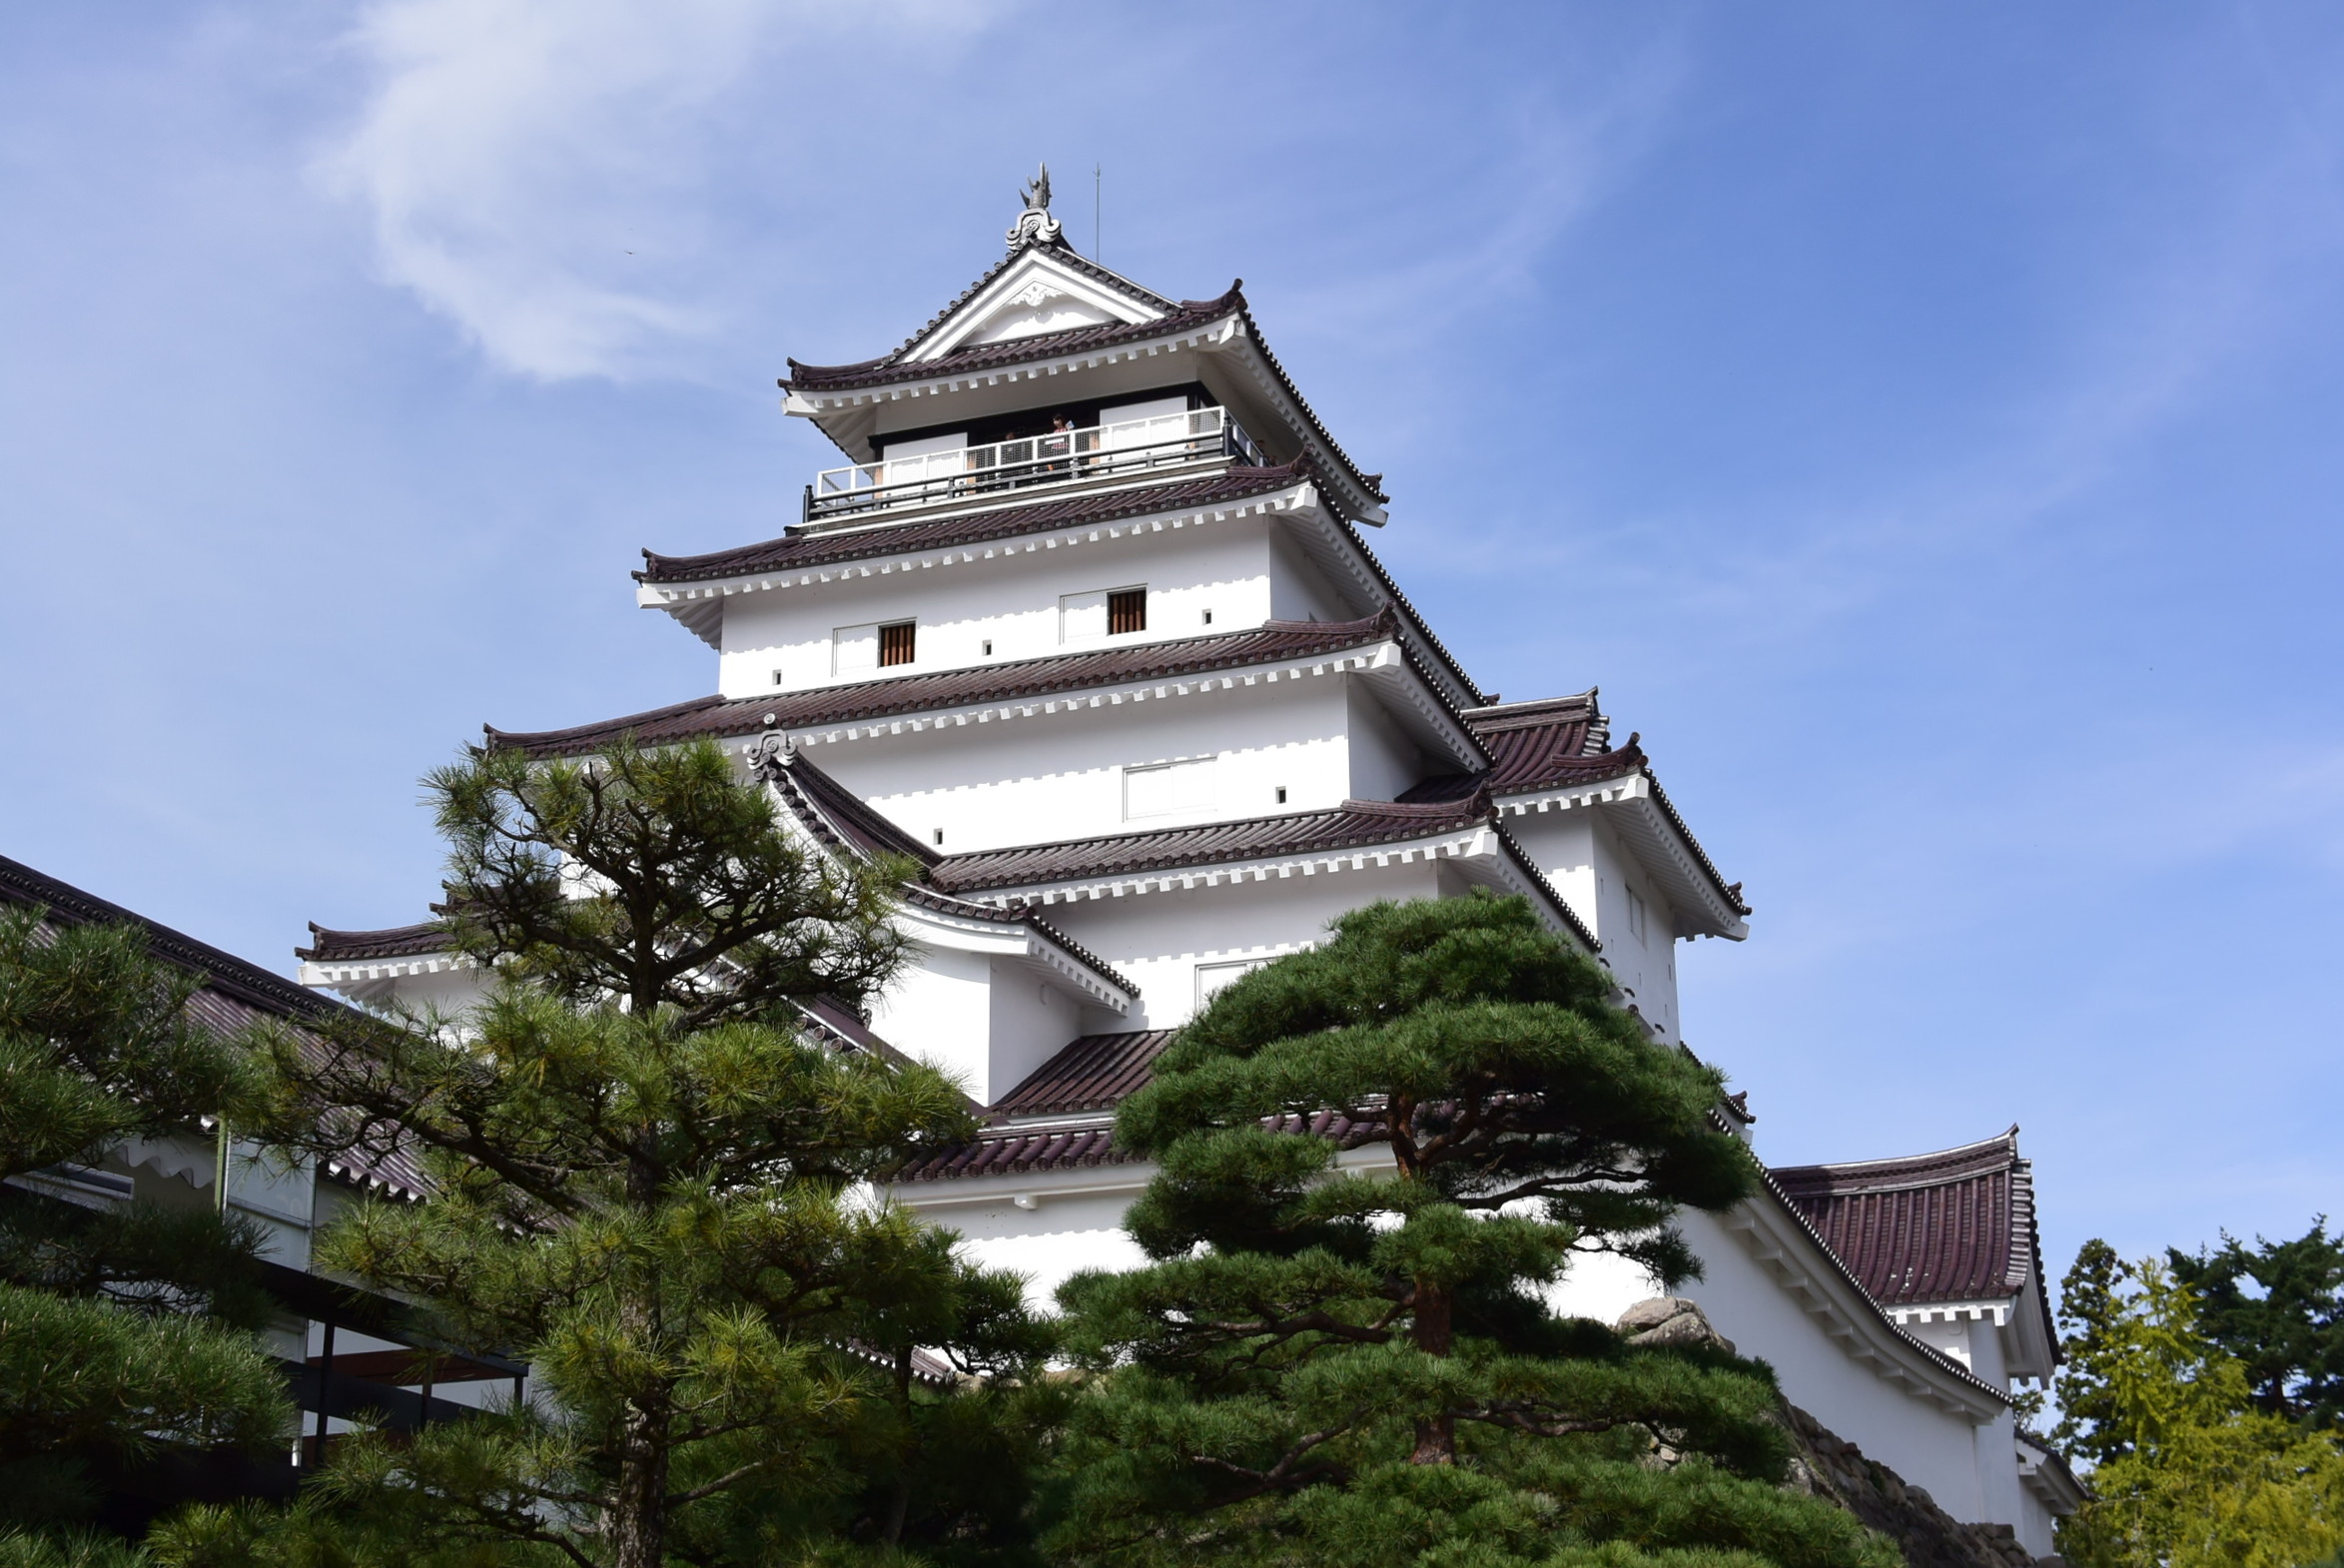 秋山浜キャンプ場の後は鶴ヶ城と喜多方ラーメンで初福島を満喫!